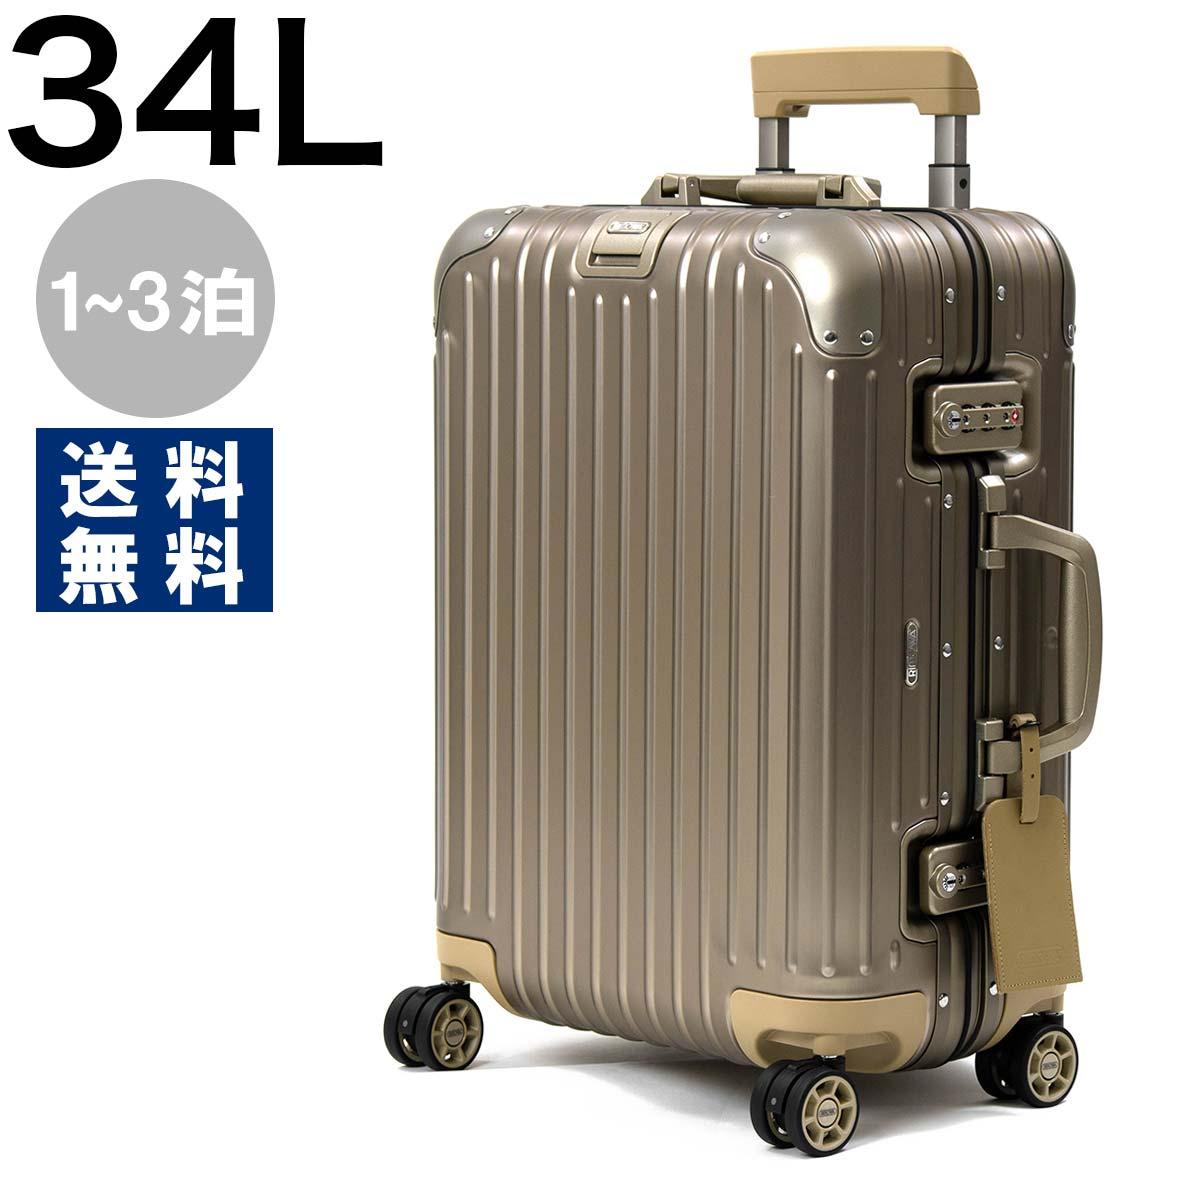 リモワ スーツケース/旅行用バッグ バッグ メンズ レディース トパーズ チタニウム 34L 1~3泊 シャンパンゴールド 92453034 RIMOWA